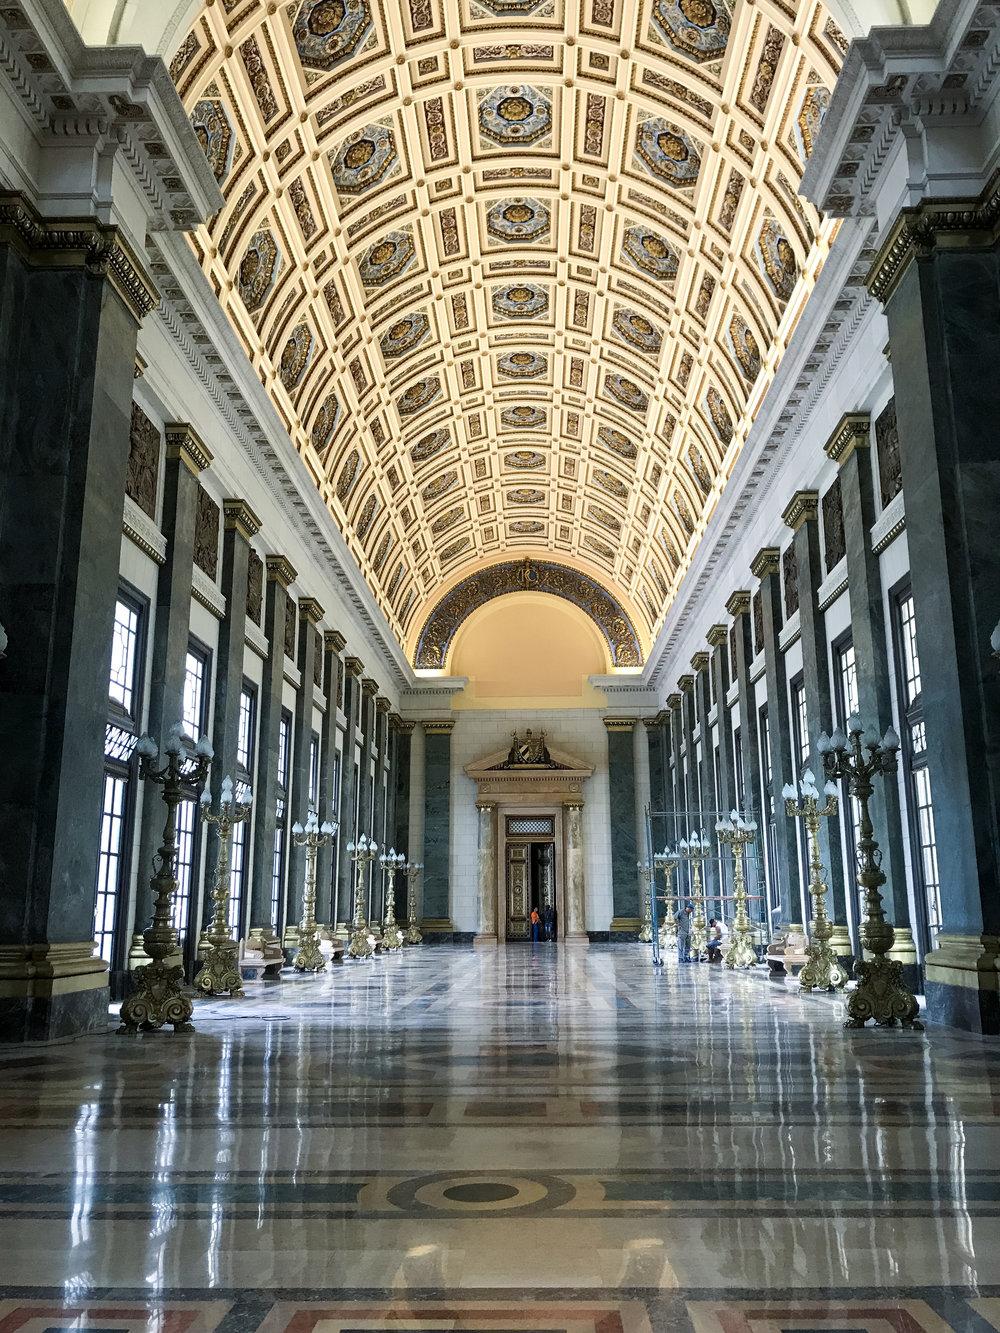 En el Capitolio - Como en muchas atracciones cubanas, hacer el tour sola (o) te da la ventaja de ir